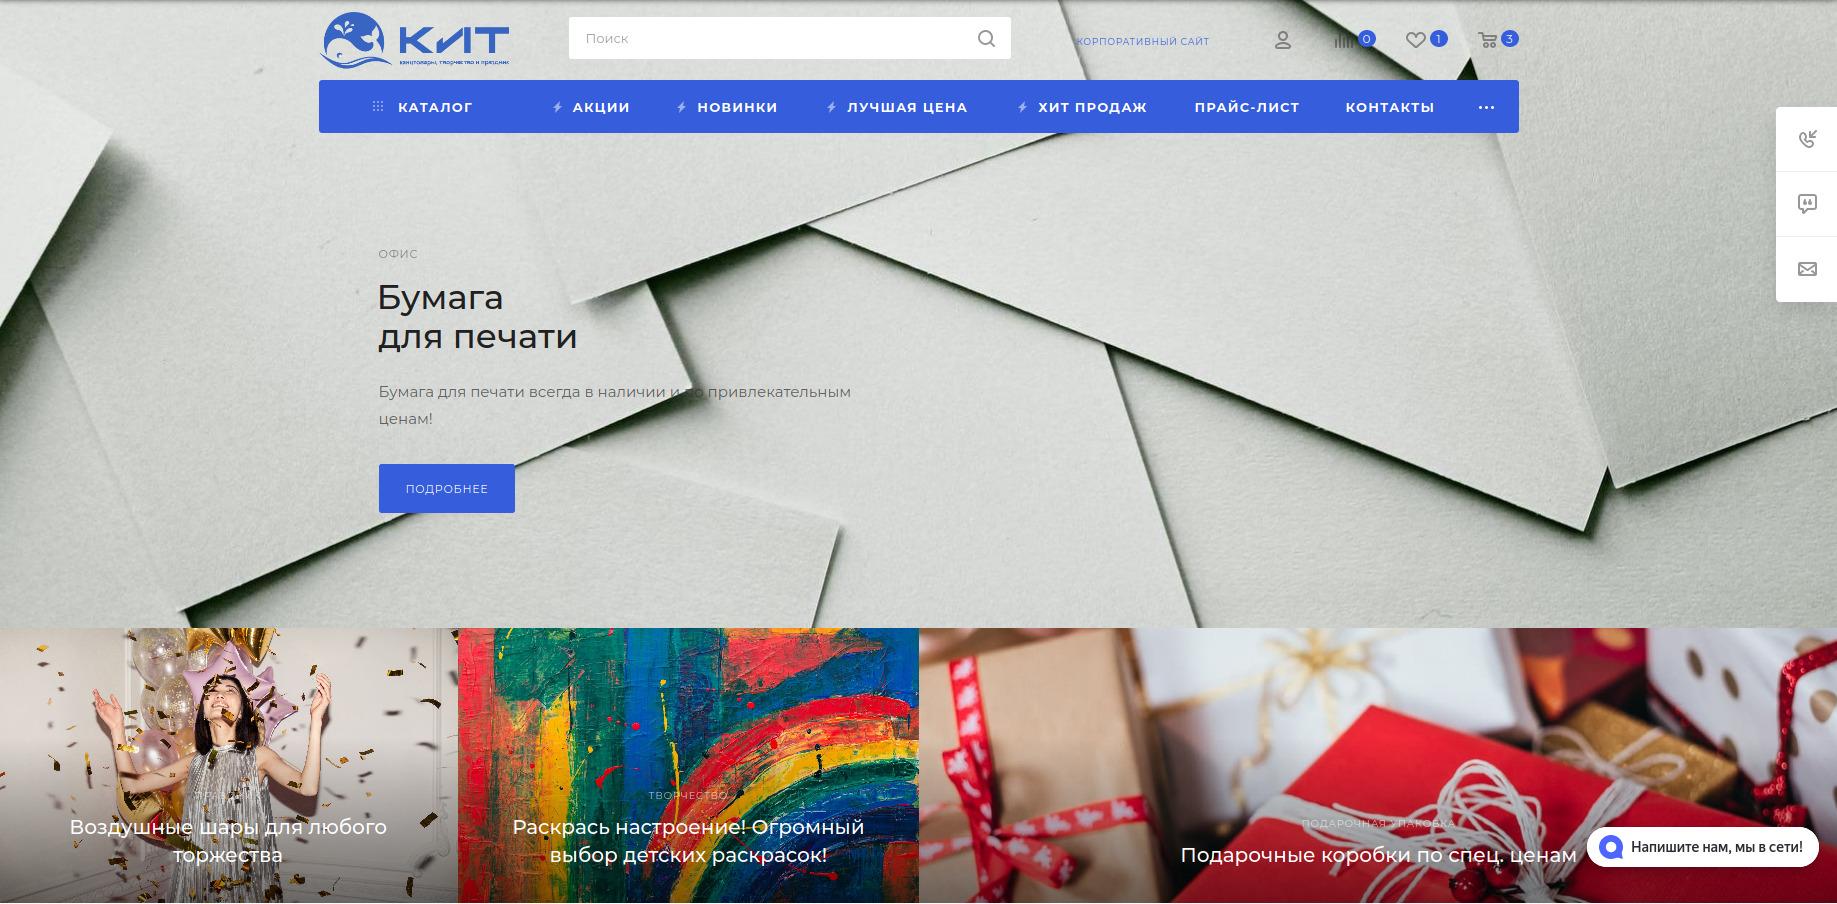 Интернет-магазин КИТ в Ростове-на-Дону